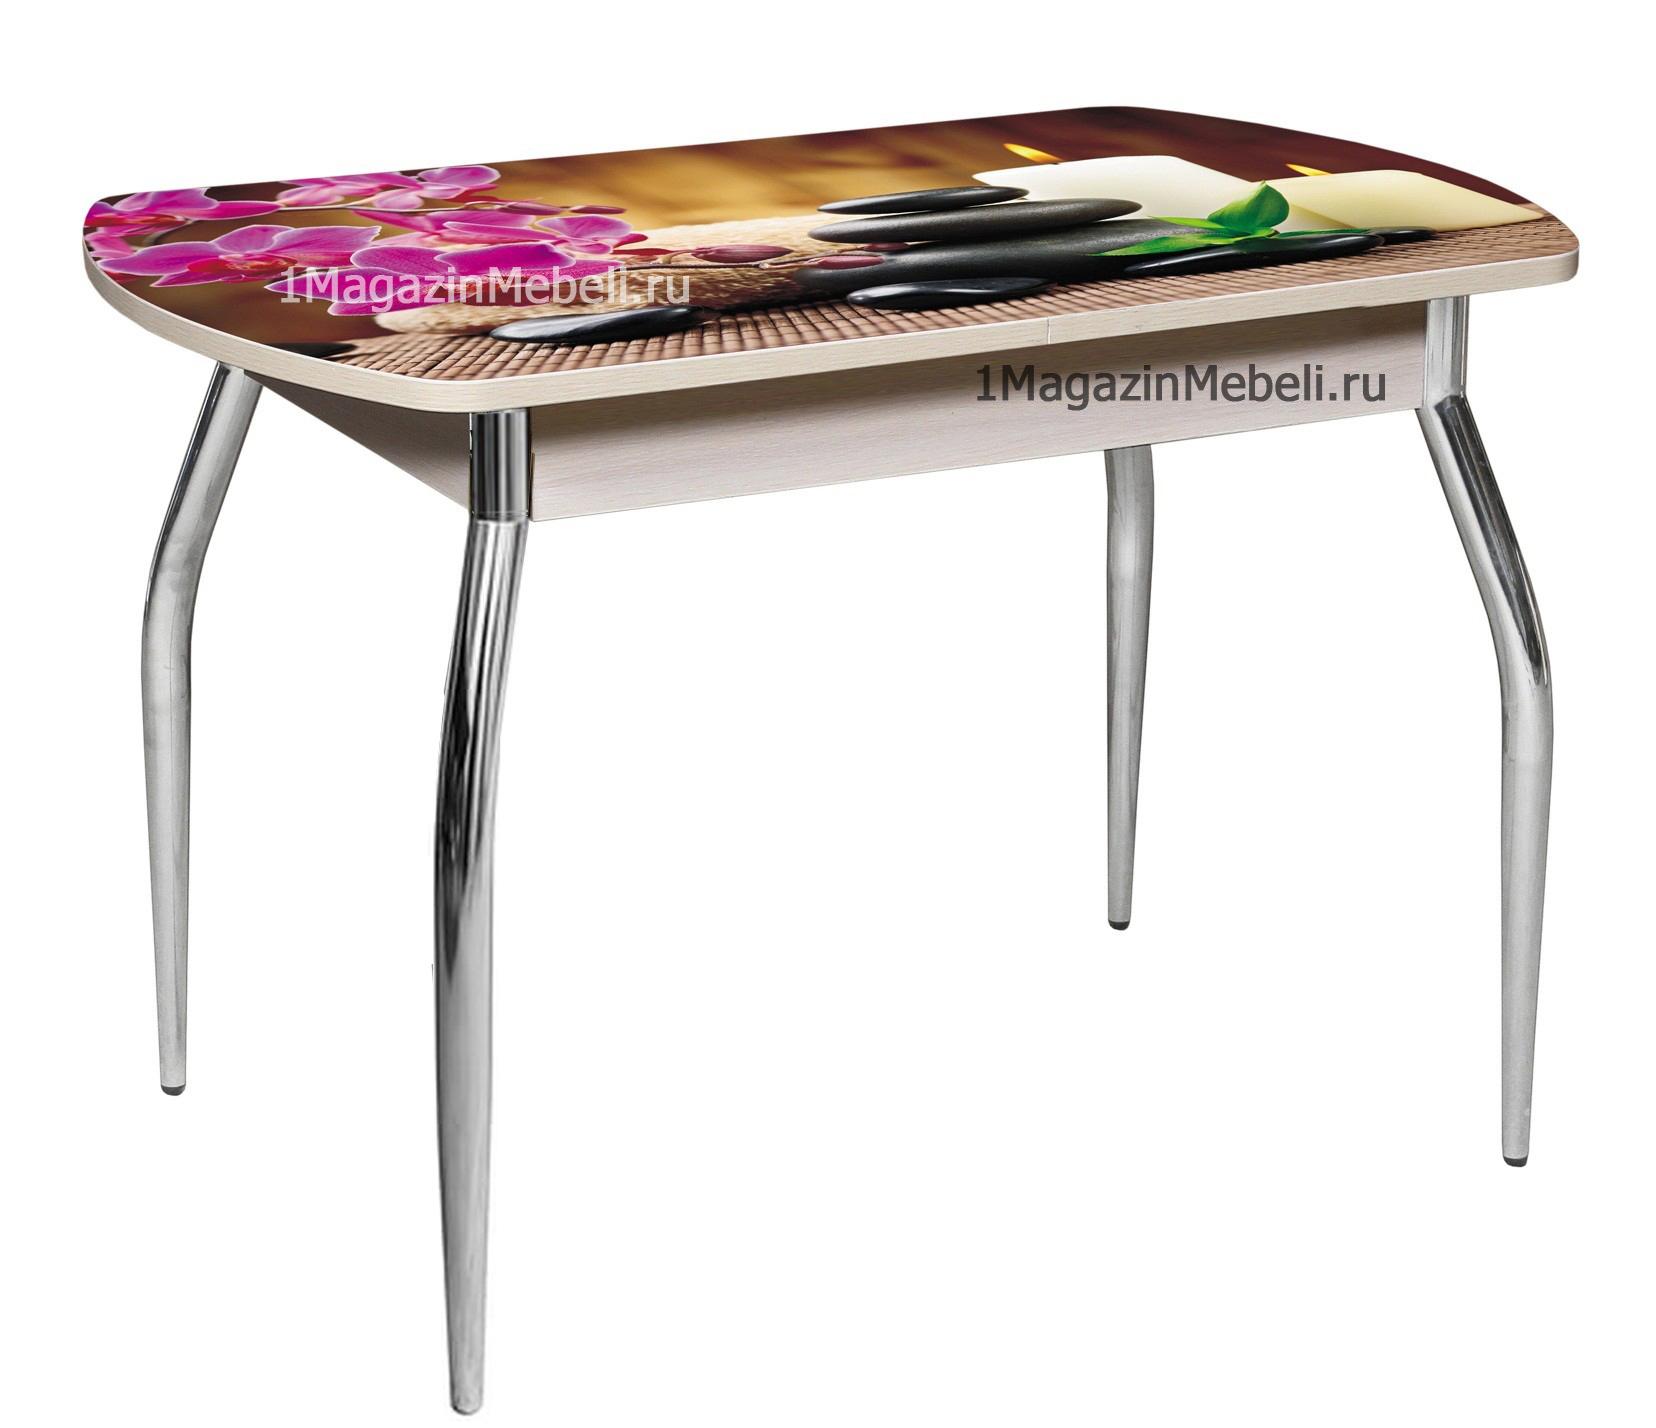 Стол с фотопечатью стеклянный раздвижной 110х70 см. (арт. М4194)